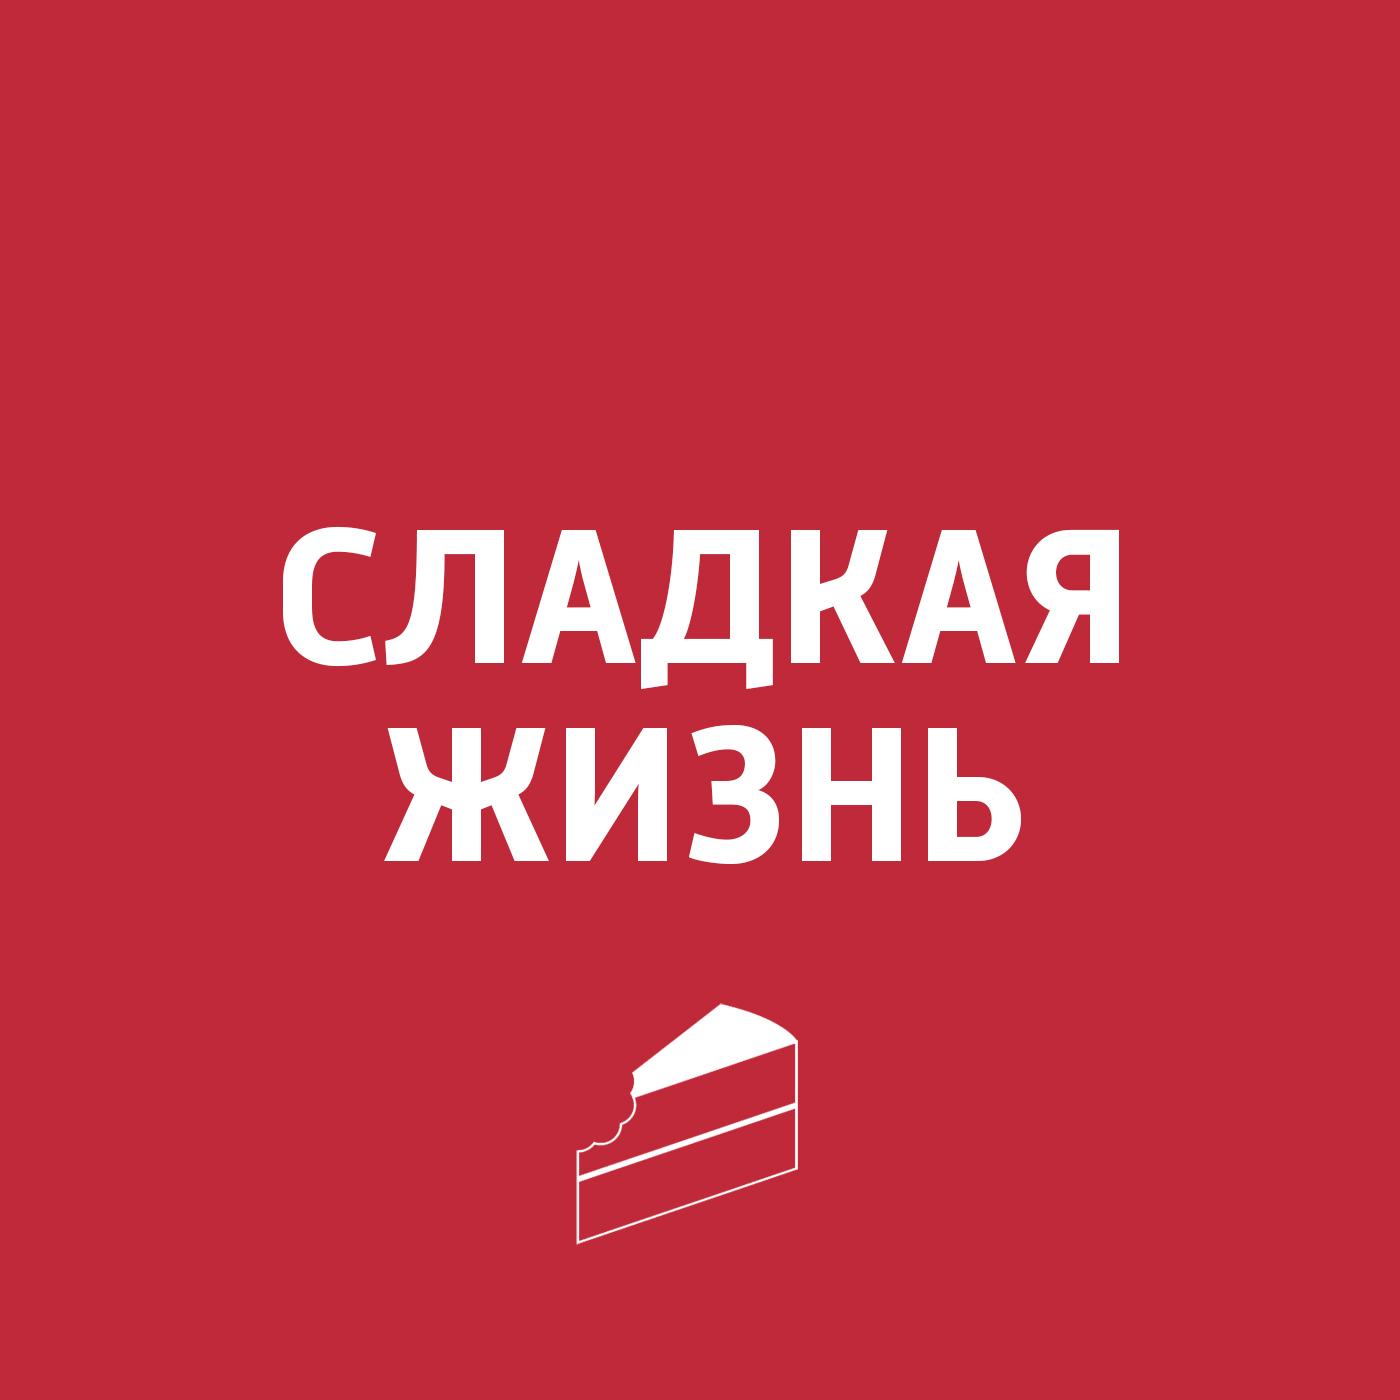 Картаев Павел Гулабджамун картаев павел чуррос